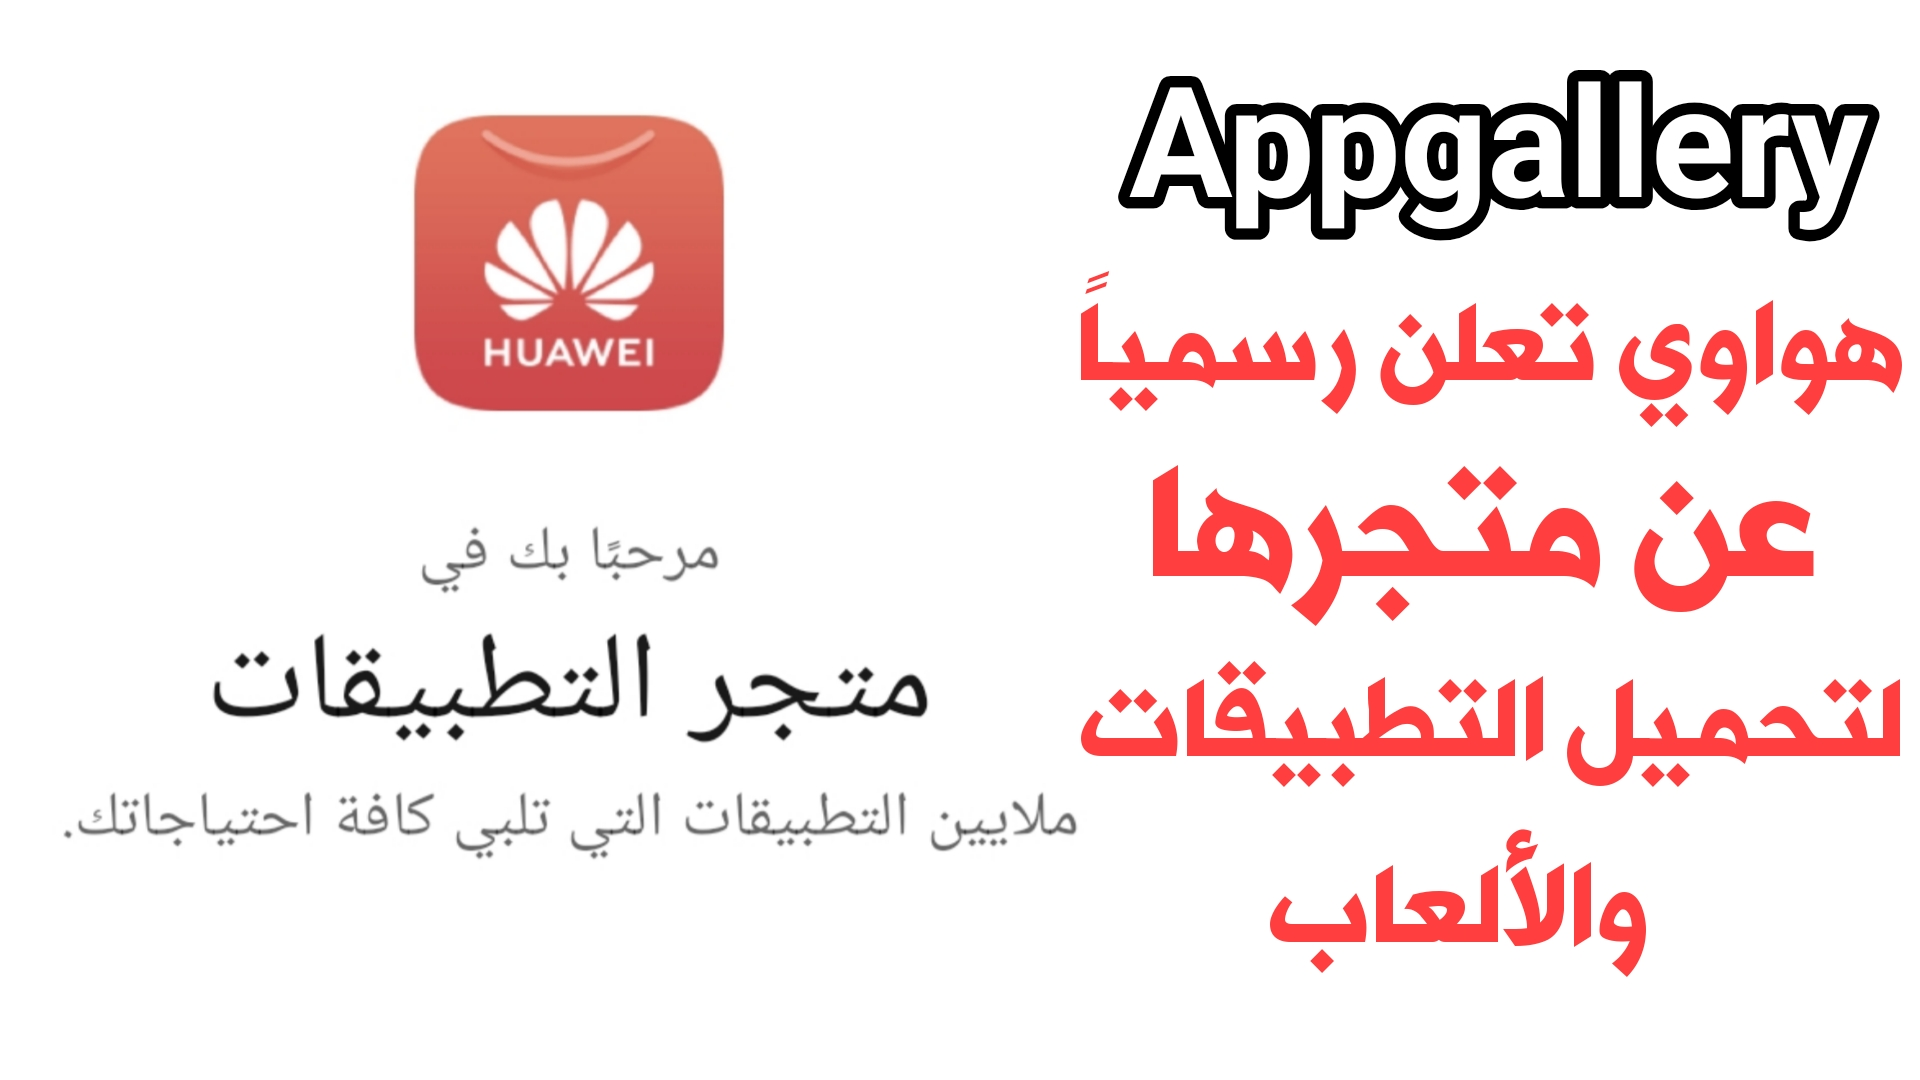 هواوي تعلن رسمياً عن متجرها لتحميل التطبيقات والألعاب وهو متجر Appgallery اليك كيفية تثبتة على هاتفك